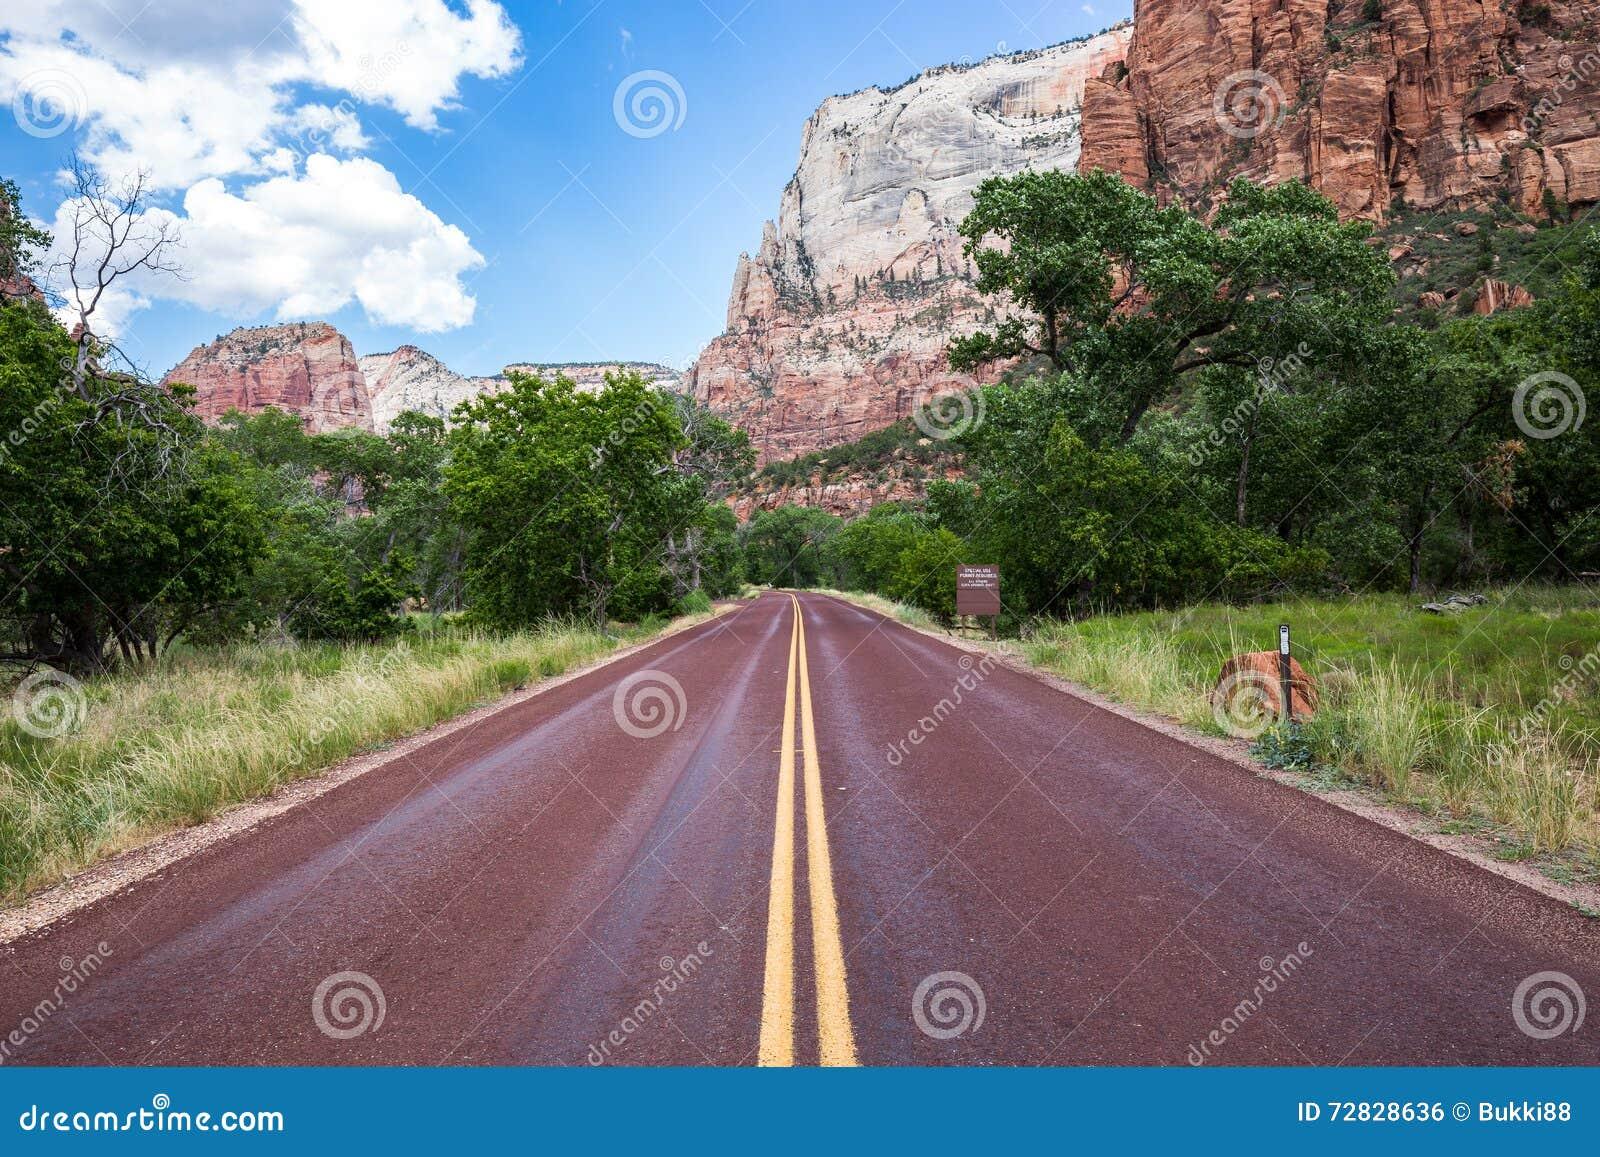 Estrada vermelha típica em Zion National Park, Utá, EUA